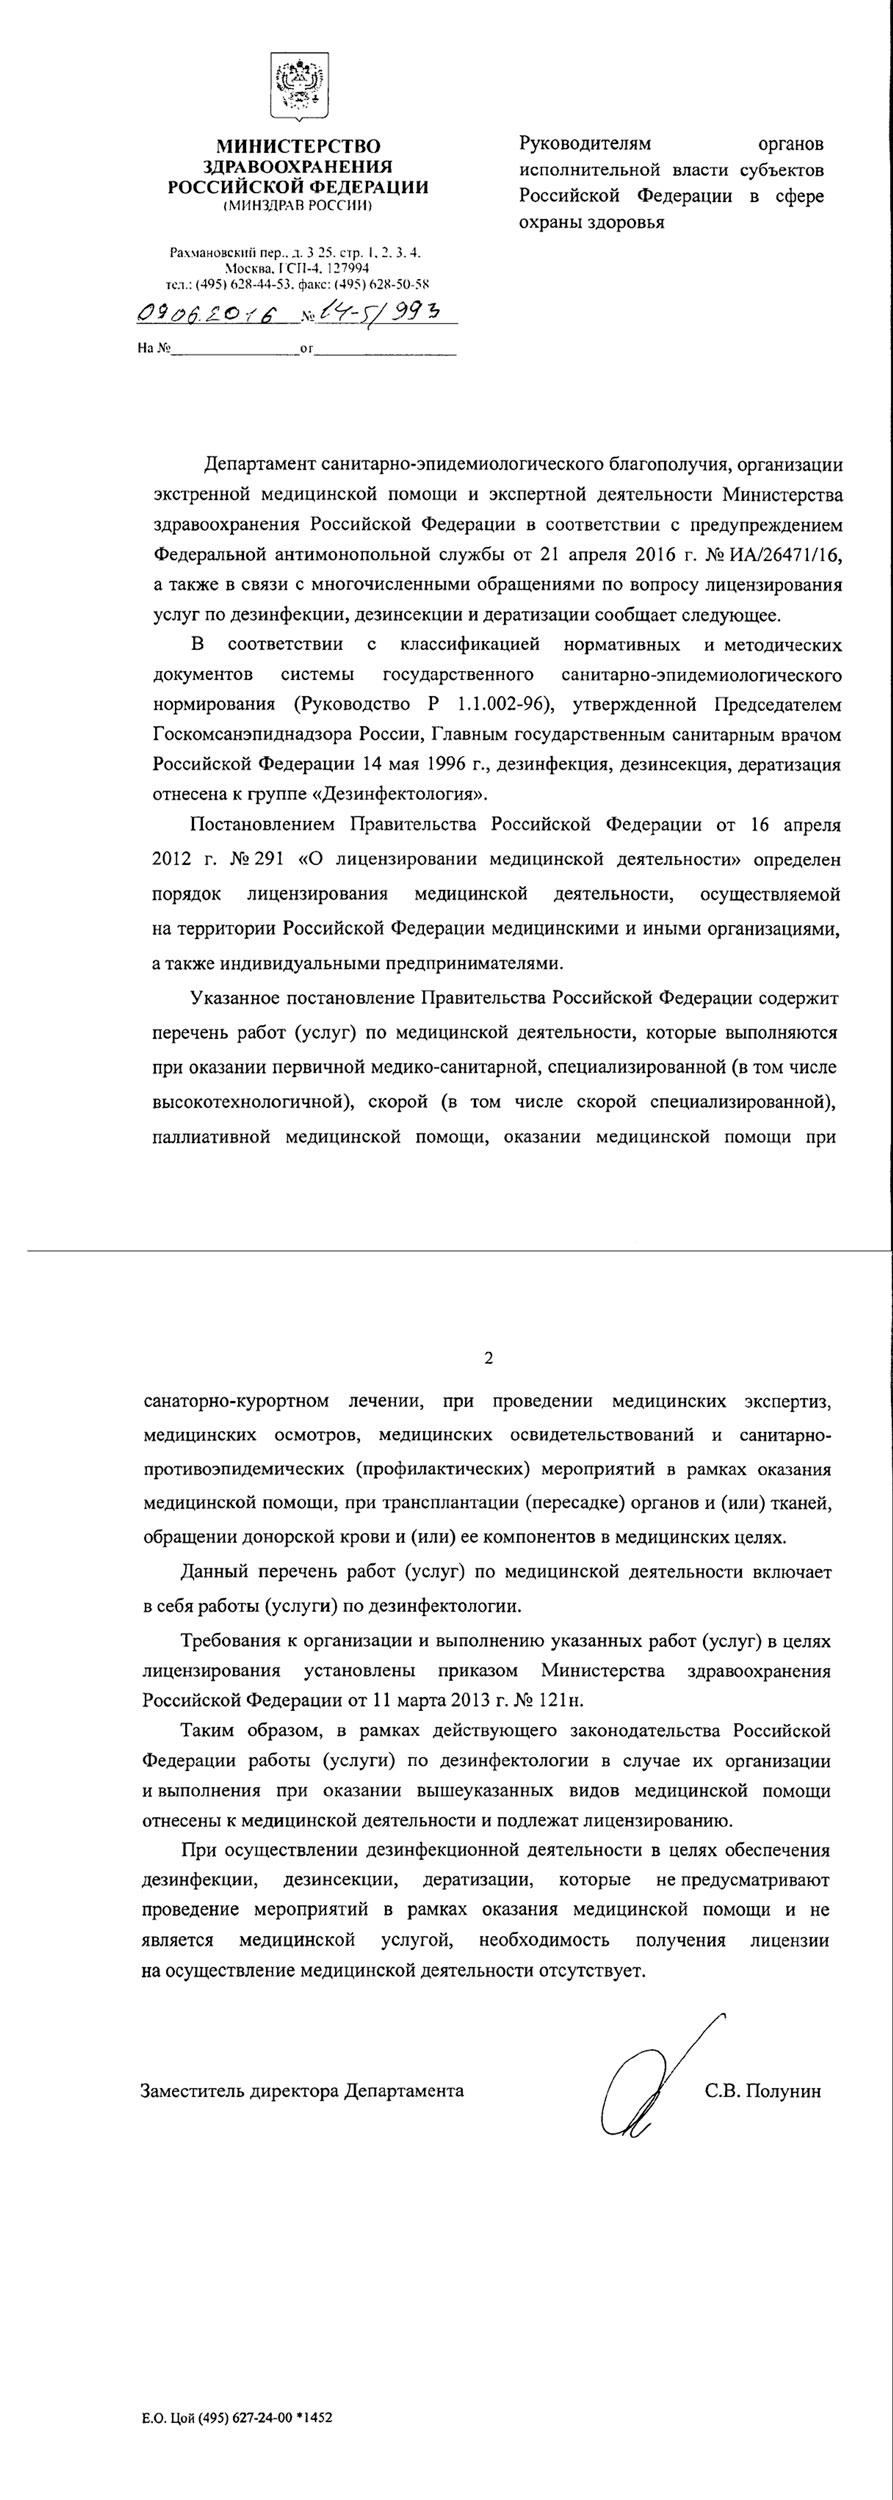 Гост 1173 2018 скачать бесплатно pdf